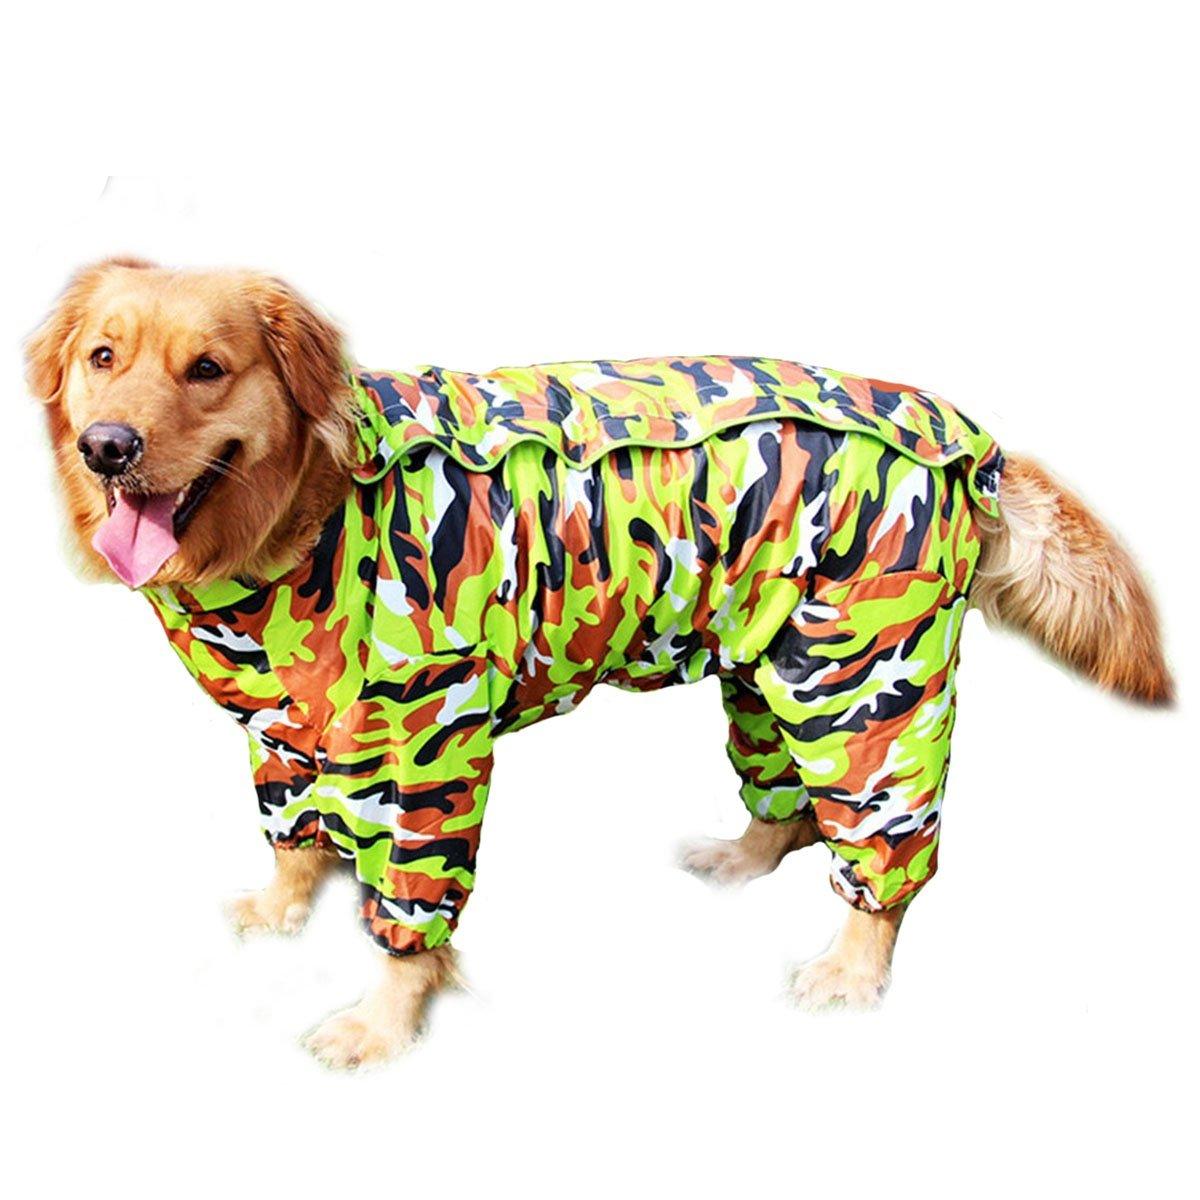 Cane impermeabile Tuta impermeabile a quattro zampe Cani di taglia media e grande Golden retriever Labrador Impermeabile per cani di grossa taglia Vestiti da compagnia impermeabili , yellow , 30 shanzhizui